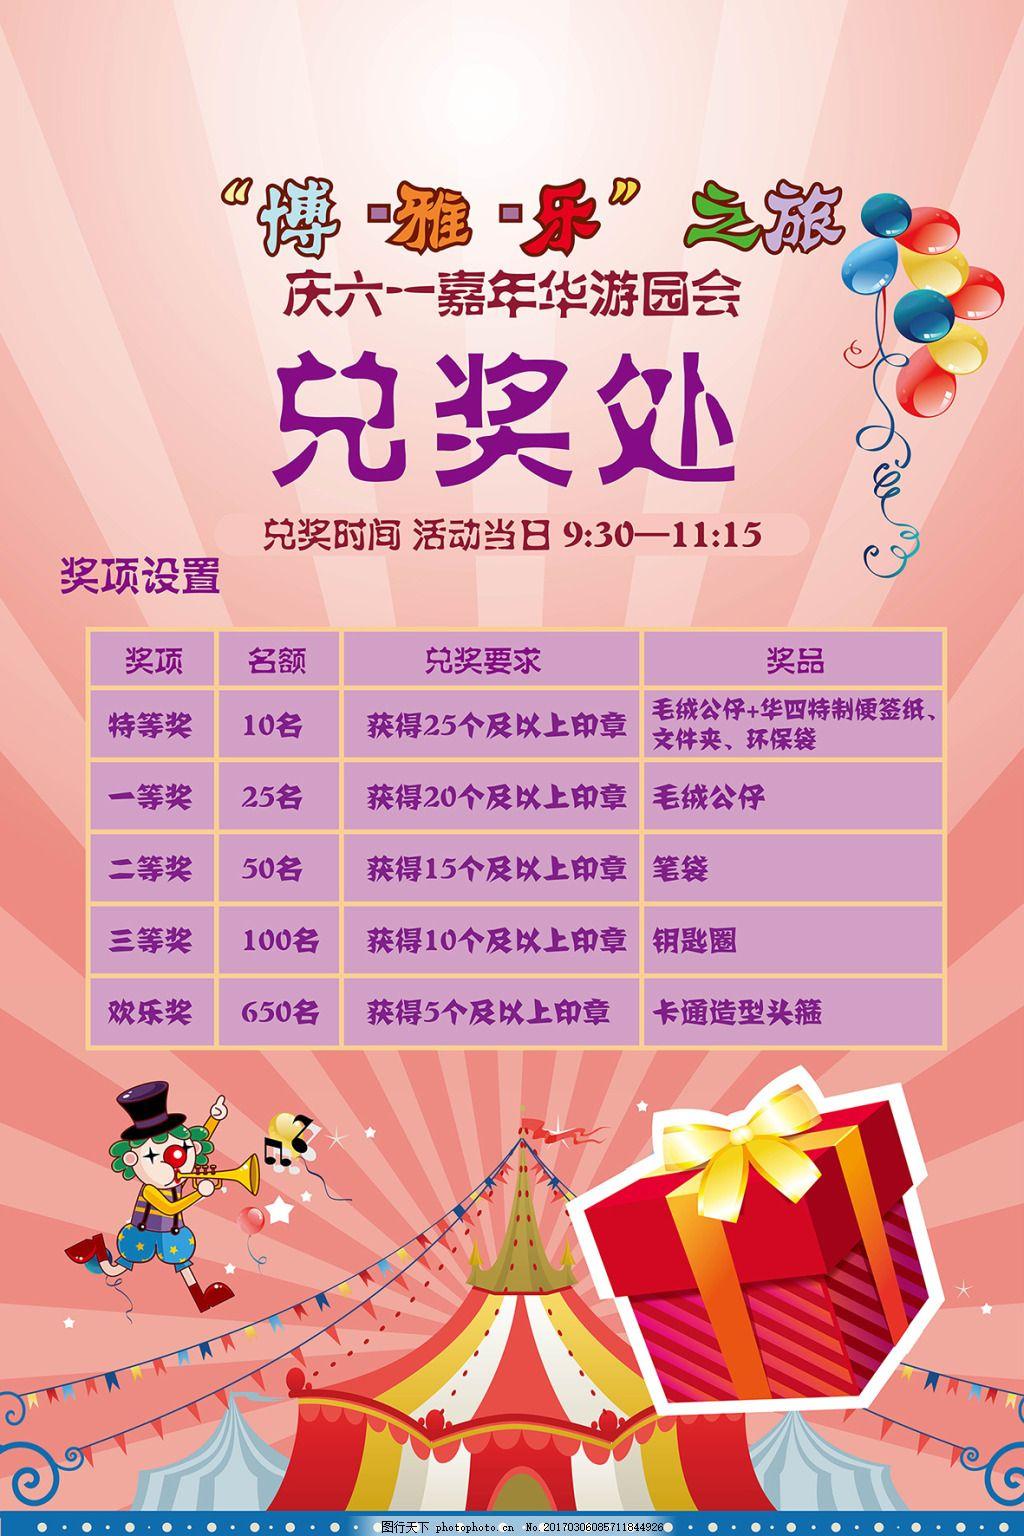 兑奖处海报 欢乐 儿童节展板 活动展板 庆六一 六一儿童节 游园会